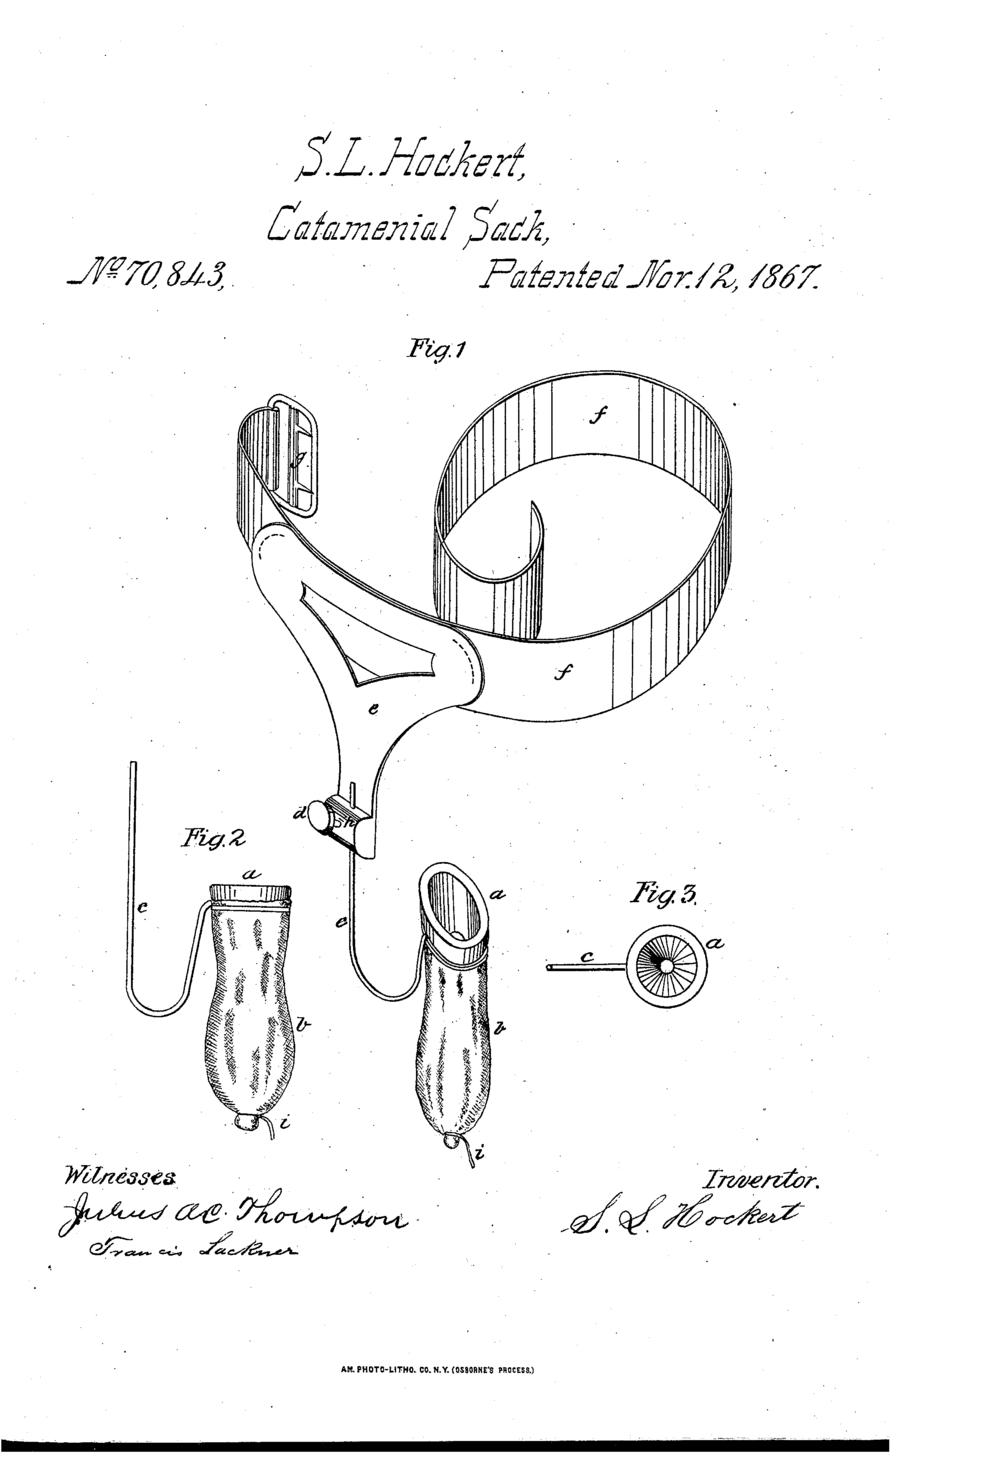 Photos Courtesy of  Catamenial Patents